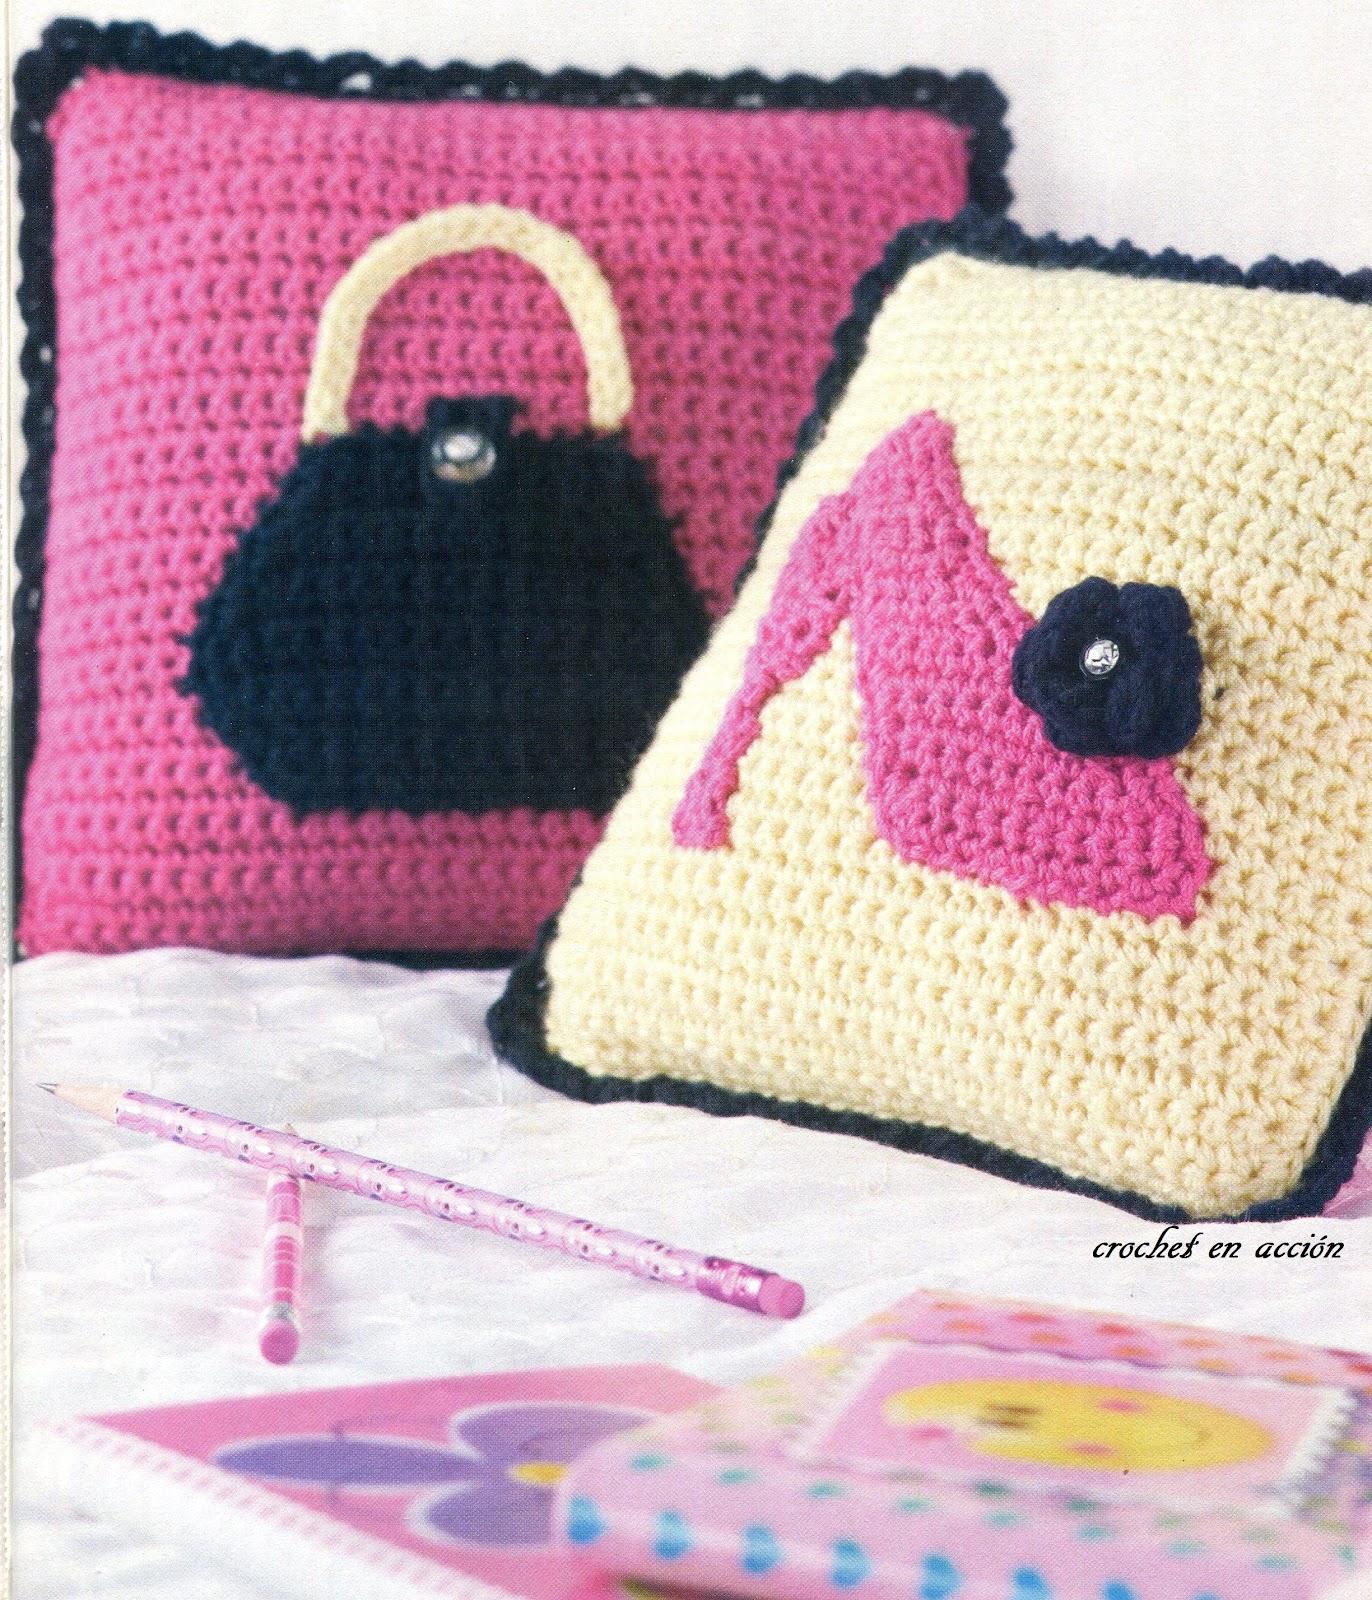 Crochet en acci n cojines juveniles - Cojines para dormitorios juveniles ...